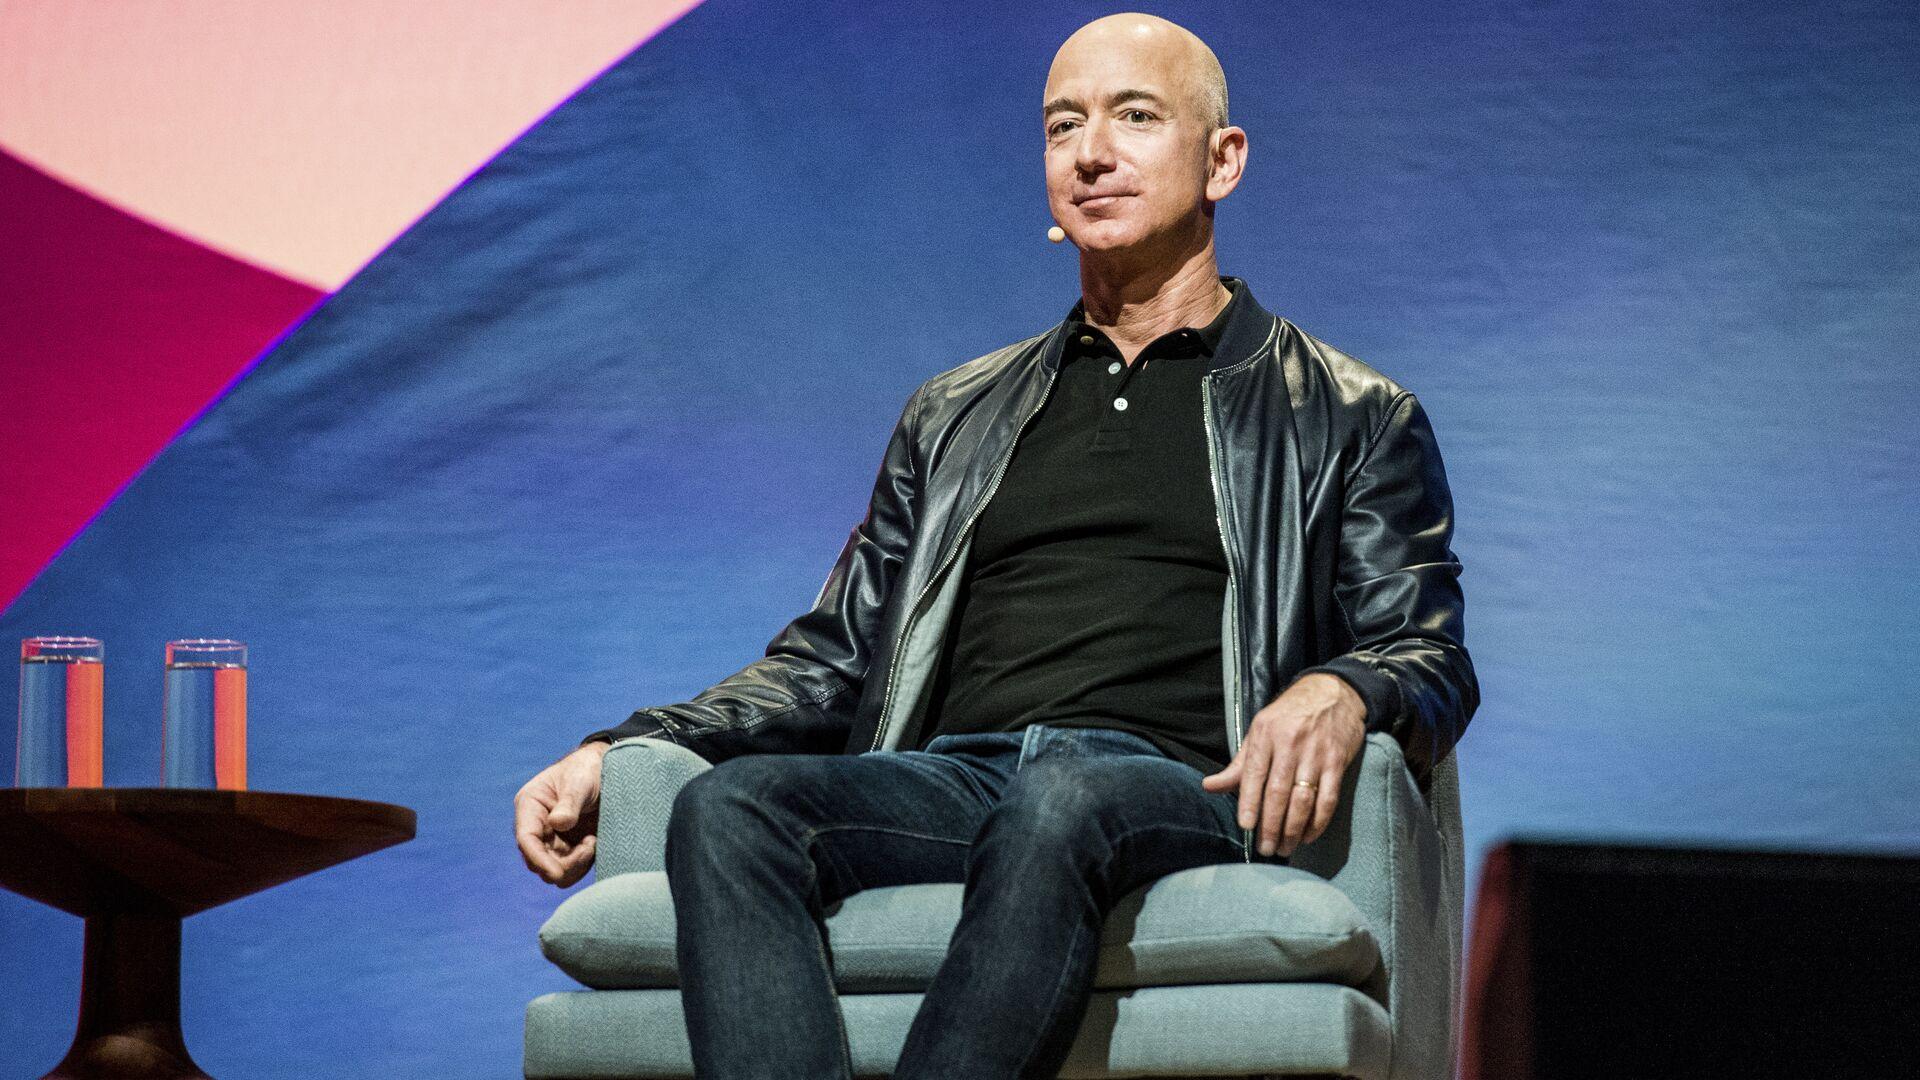 Генеральный директор Amazon Джефф Безос в Лос-Анджелесе - РИА Новости, 1920, 10.07.2021